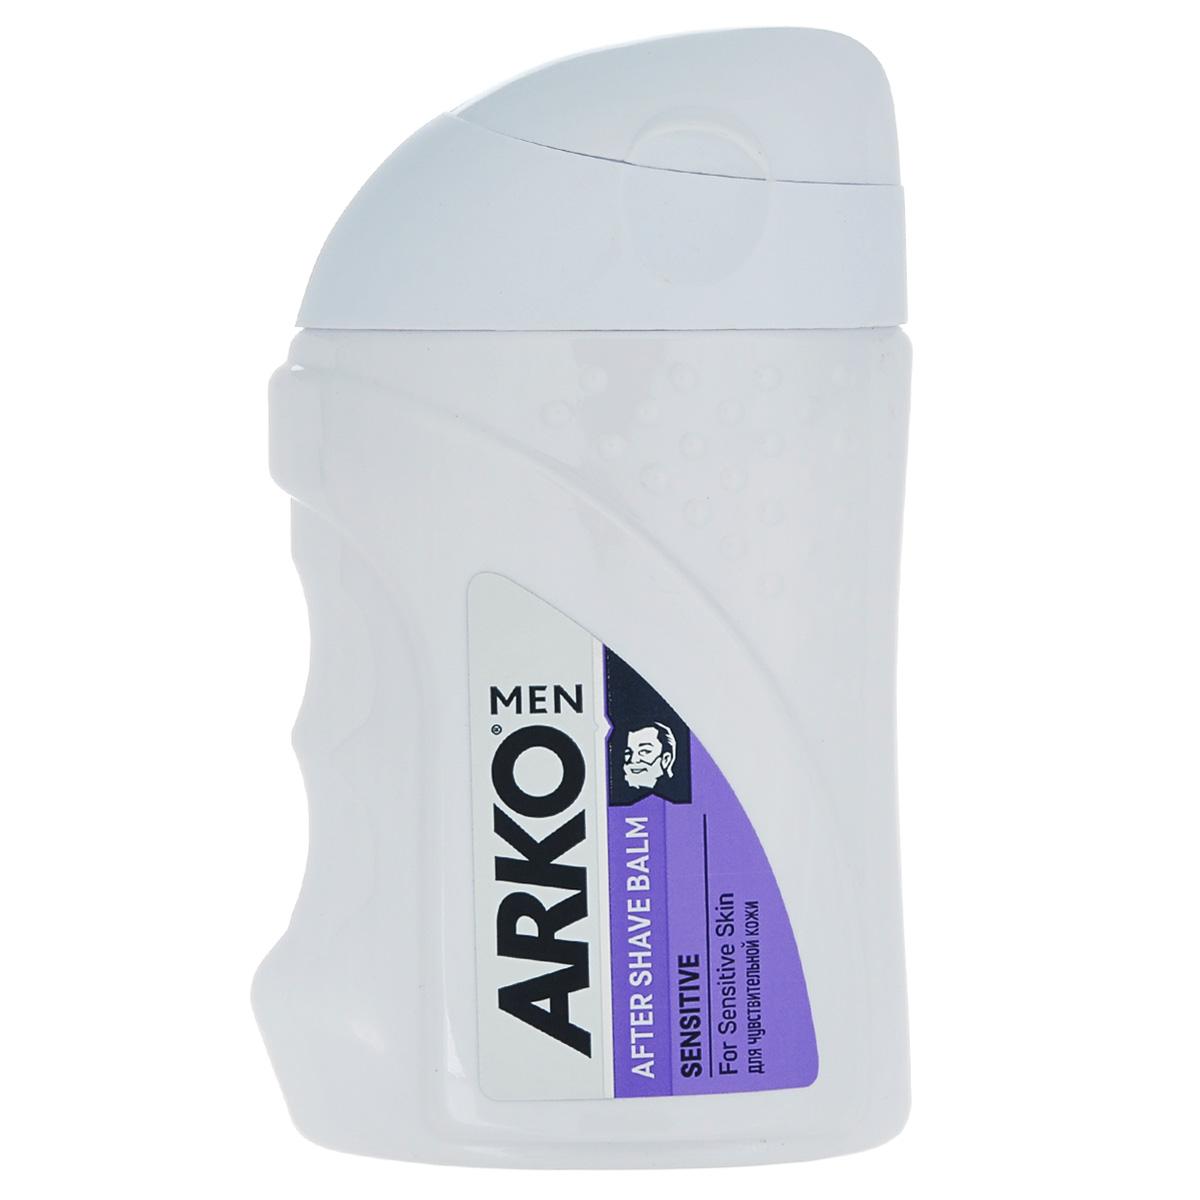 Arko MEN Бальзам после бритья Sensitive 150мл1101защищает Вашу кожу от эффектасухости, вызванного бритьем и оставляет долгое ощущение комфорта